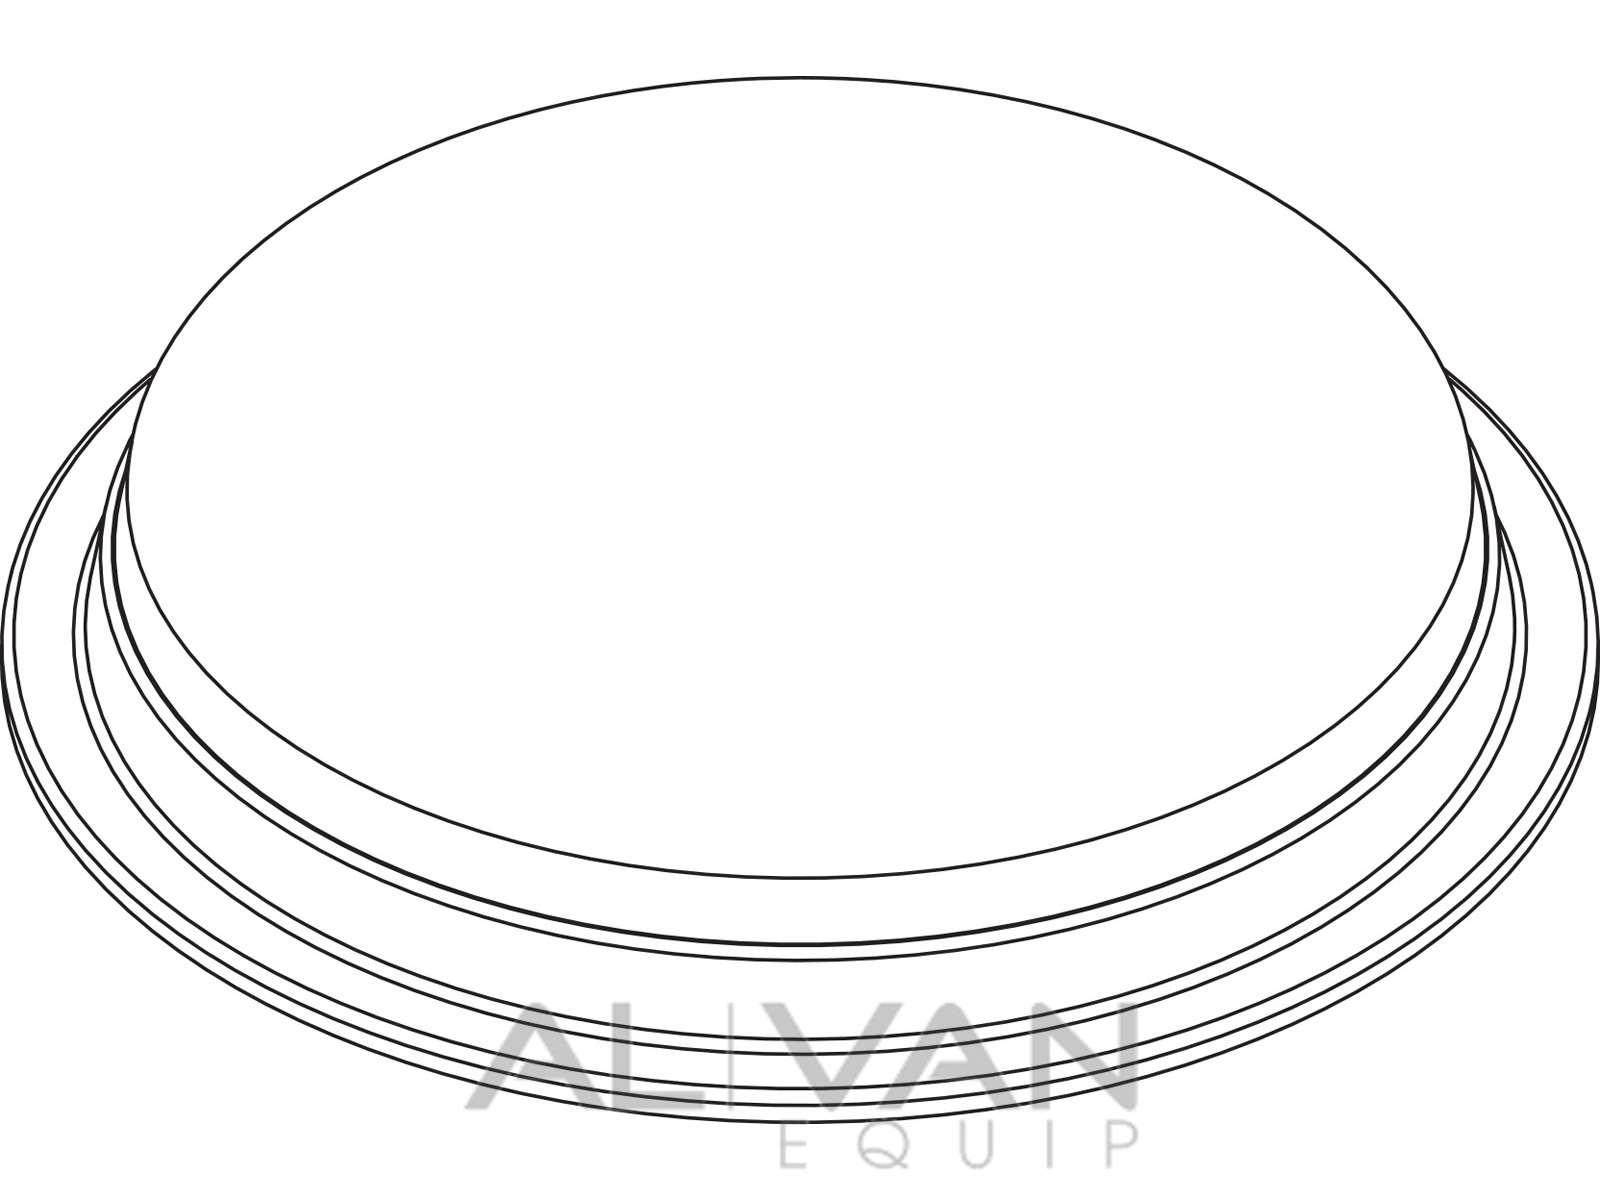 1600x1200 Van Dome Light 6092 Line Drawing Al Van Equip